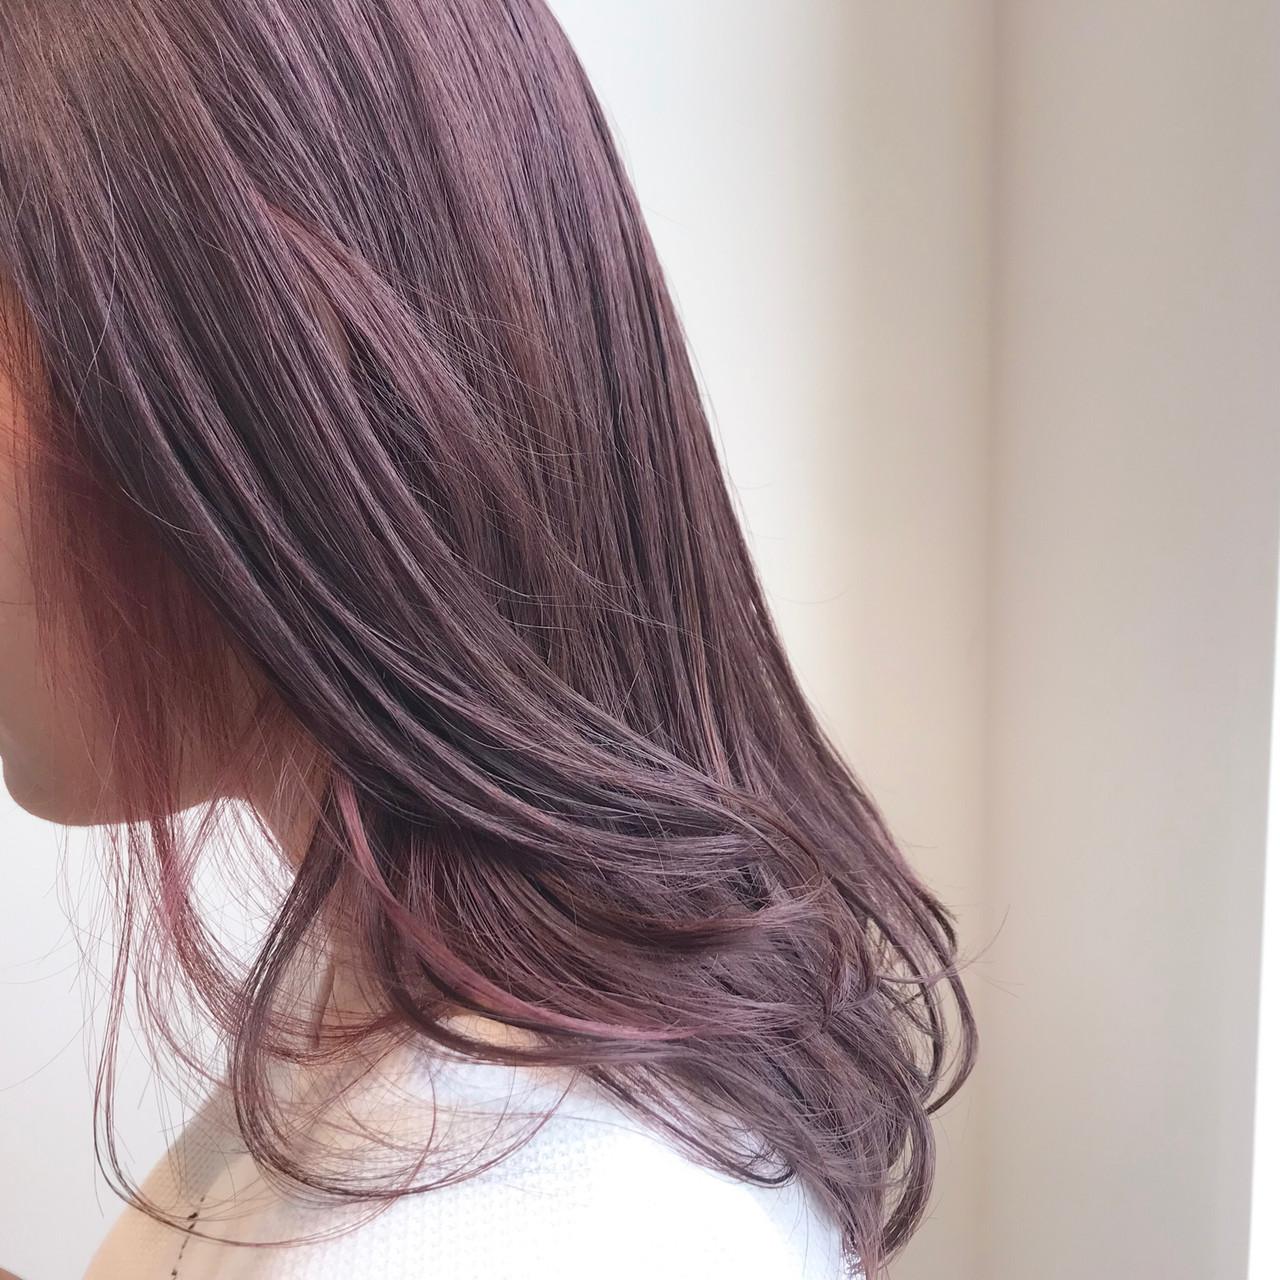 透明感カラー デート ピンクベージュ ブリーチ無し ヘアスタイルや髪型の写真・画像 | 村西 郁人 / rue